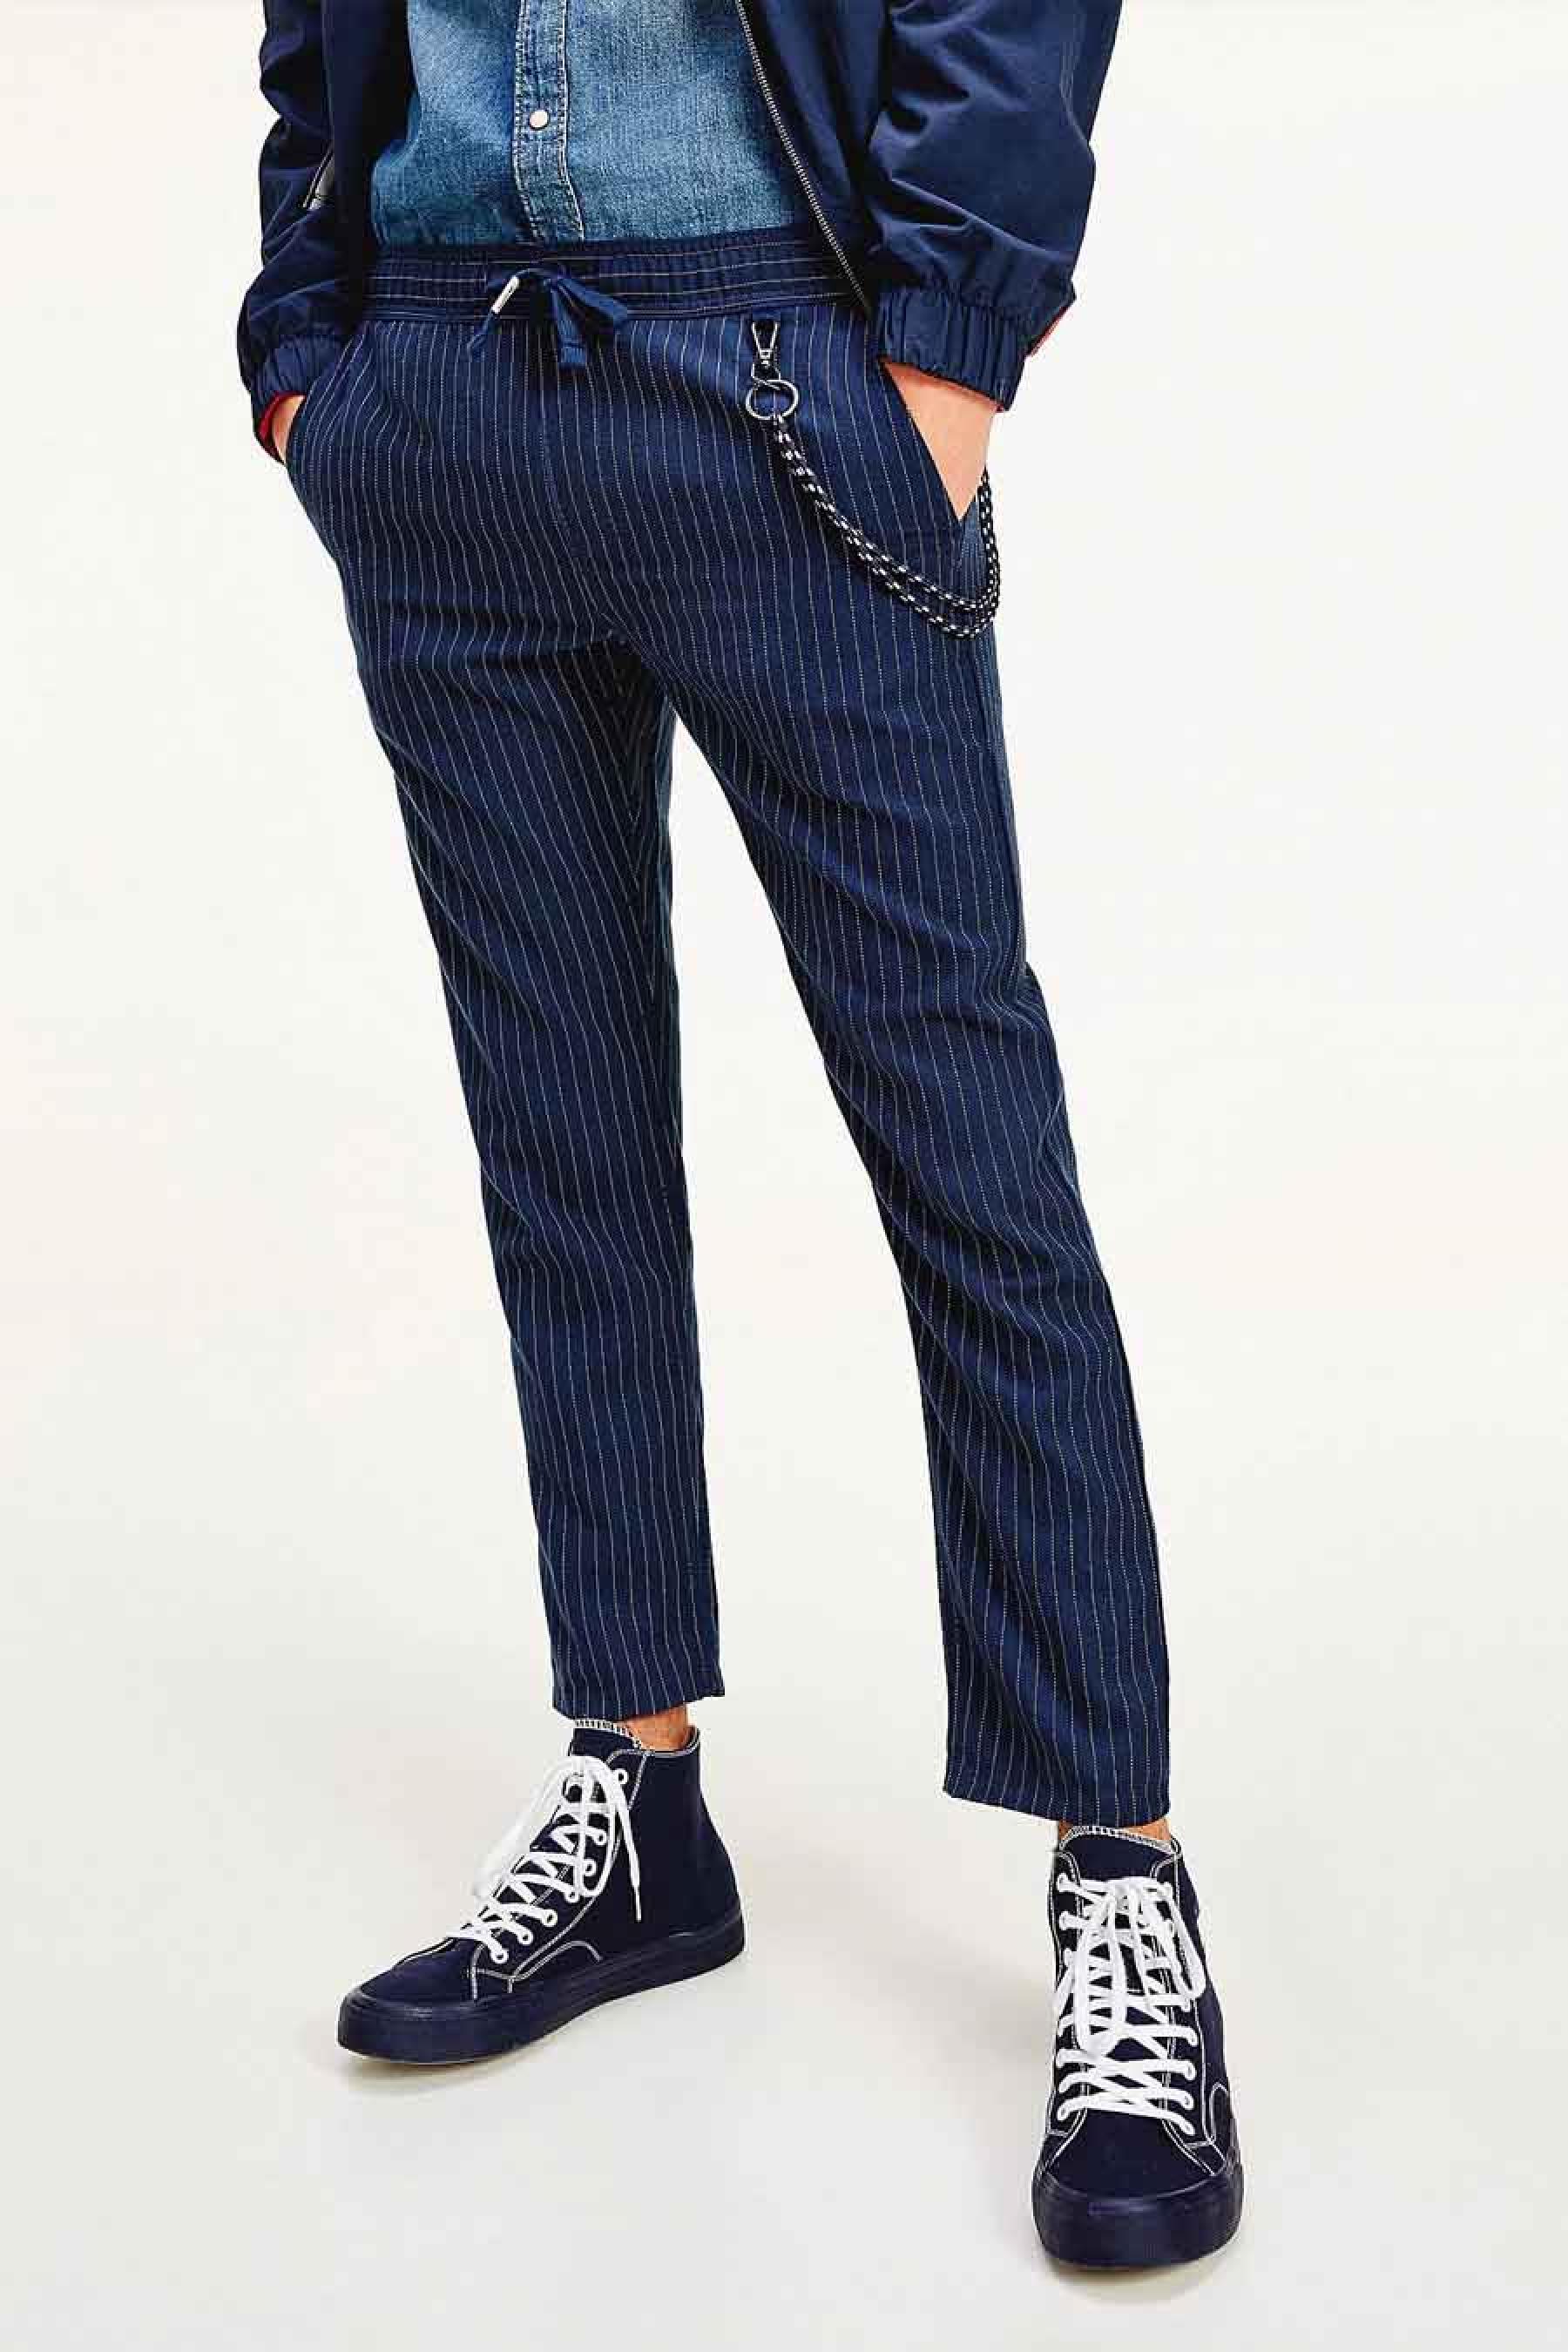 Tommy Jeans Broek, Blauw, Heren, Maat: L/M/S/XL/XS